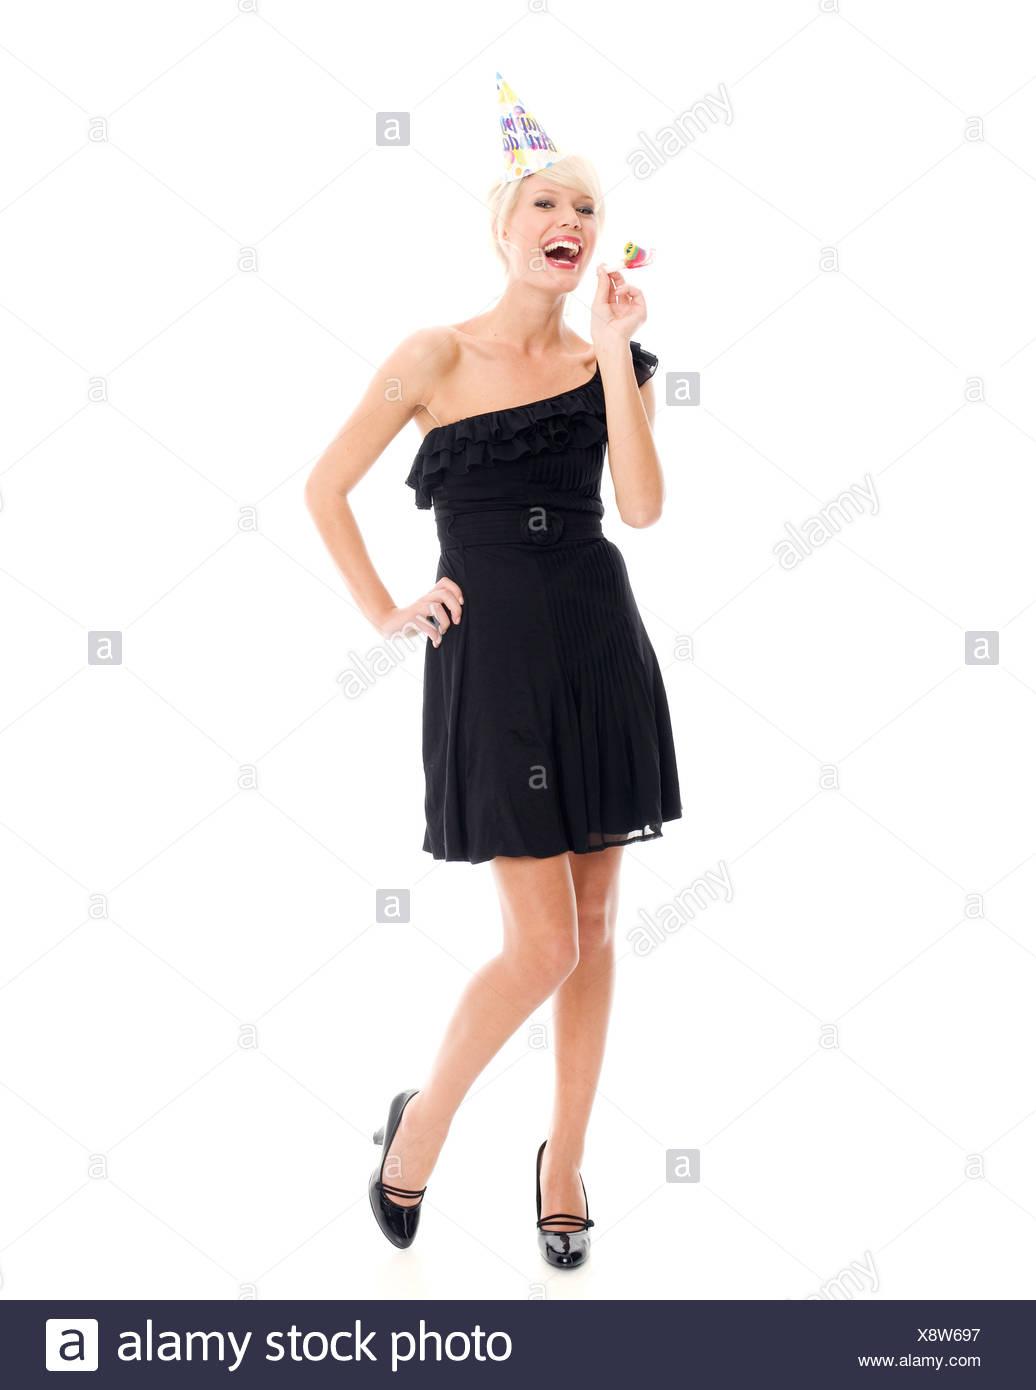 Fantastisch Partei Tragen Ein Stück Kleider Ideen - Hochzeit Kleid ...